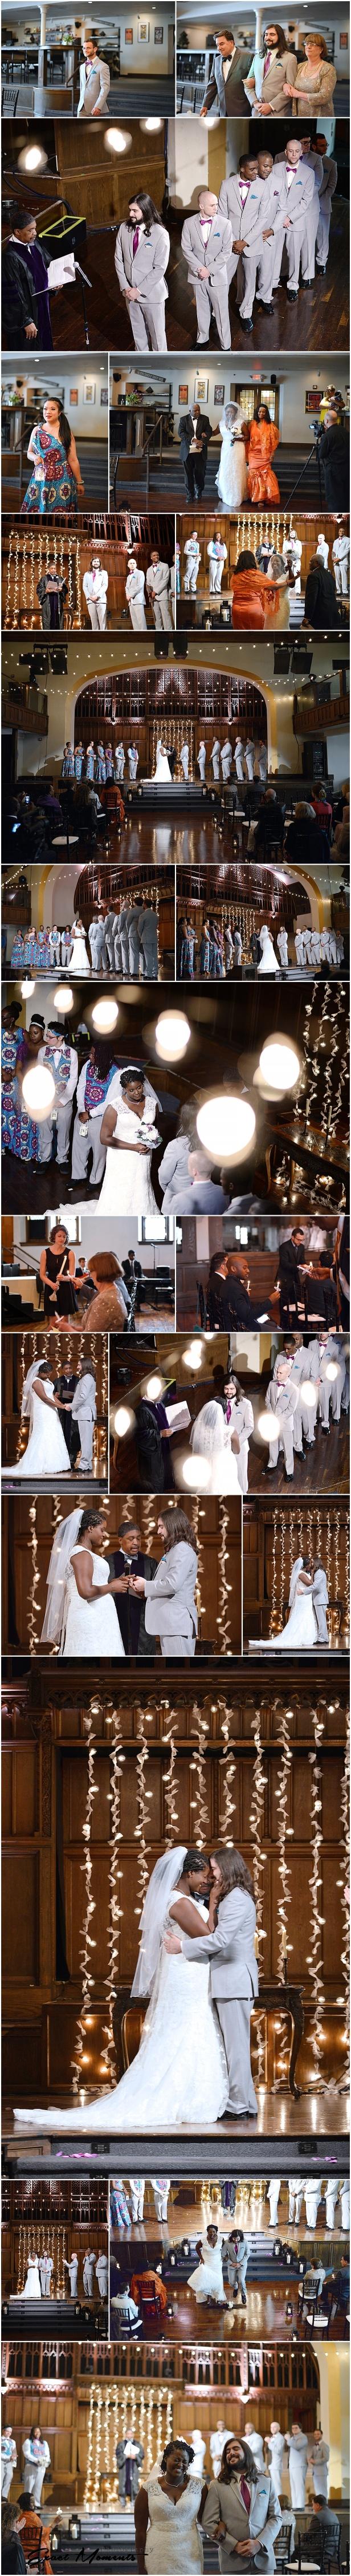 The Bluestone wedding ceremony columbus Ohio